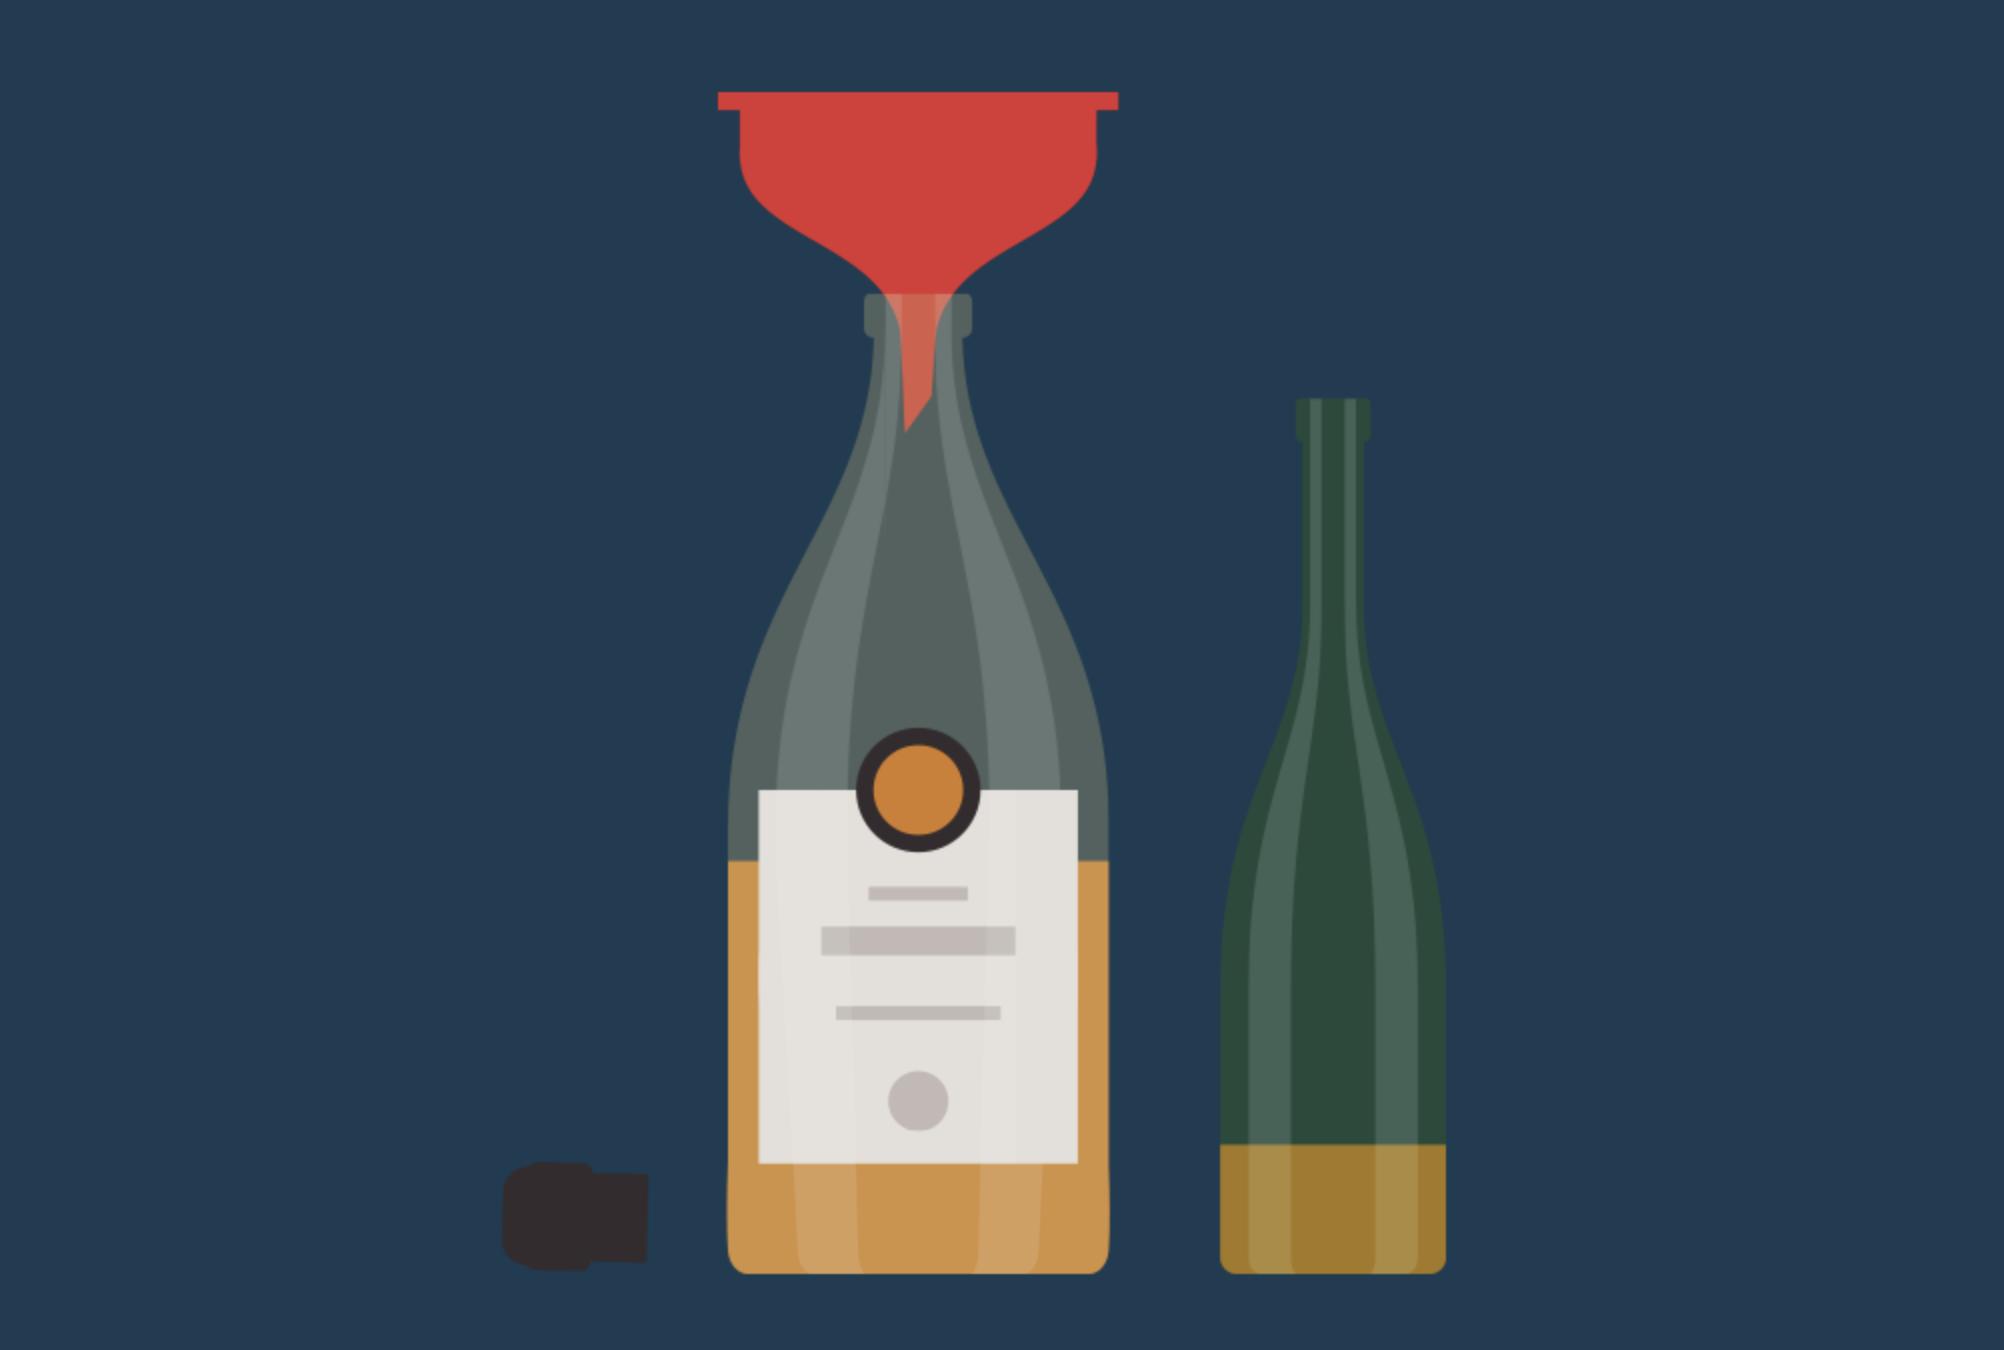 В Академии наук Украины изготовляли брендовый алкоголь, чтобы «поддержать науку»